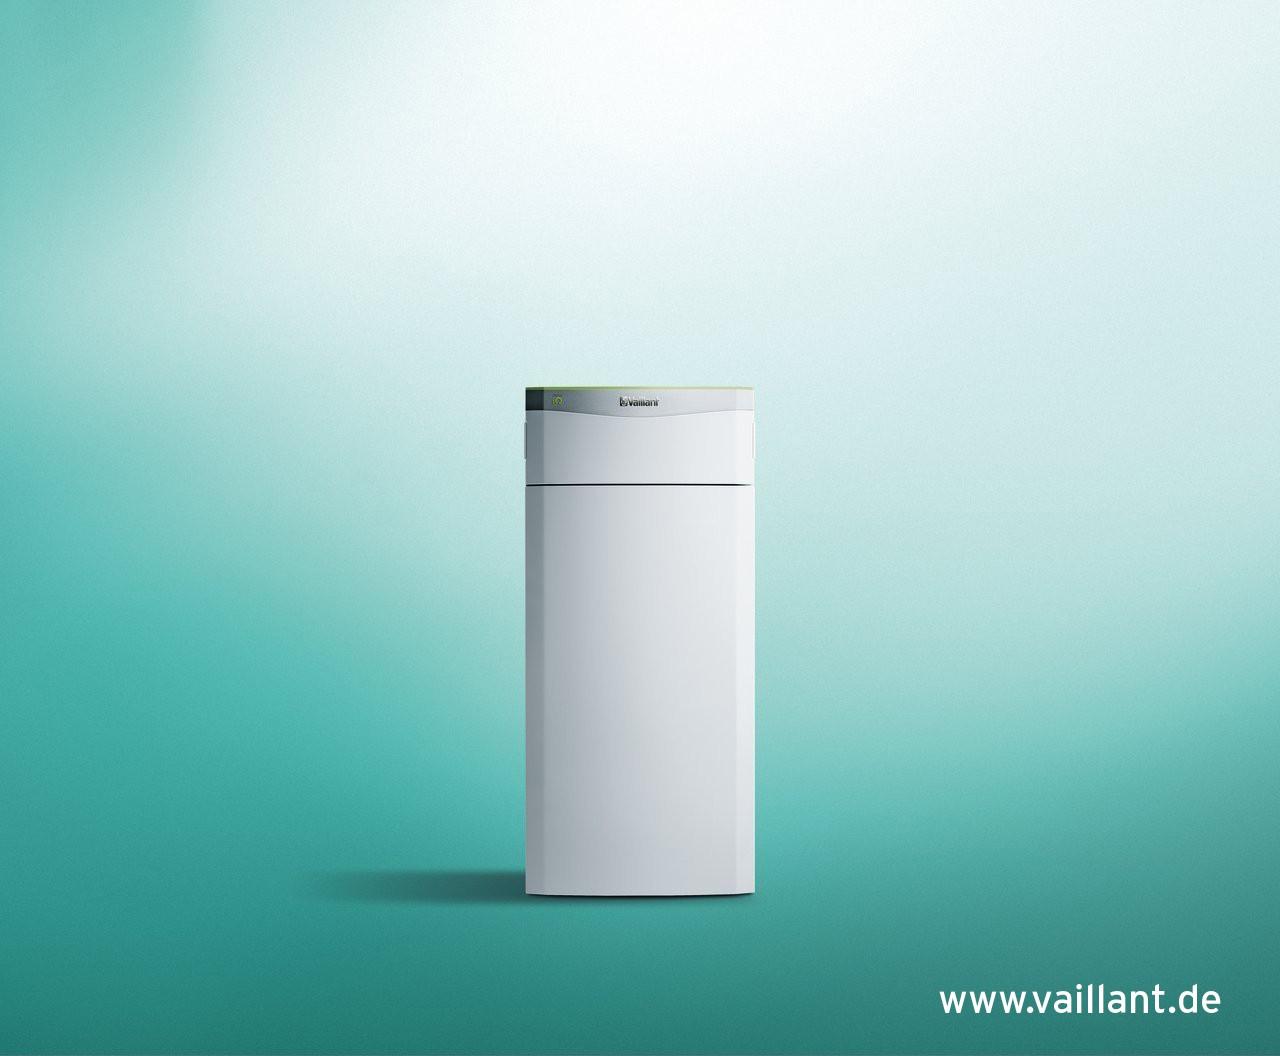 Vaillant VAILLANT Set 4.52 flexoTHERM VWF 87 /4 mit fluoCOLLECT Wasser/Wasser